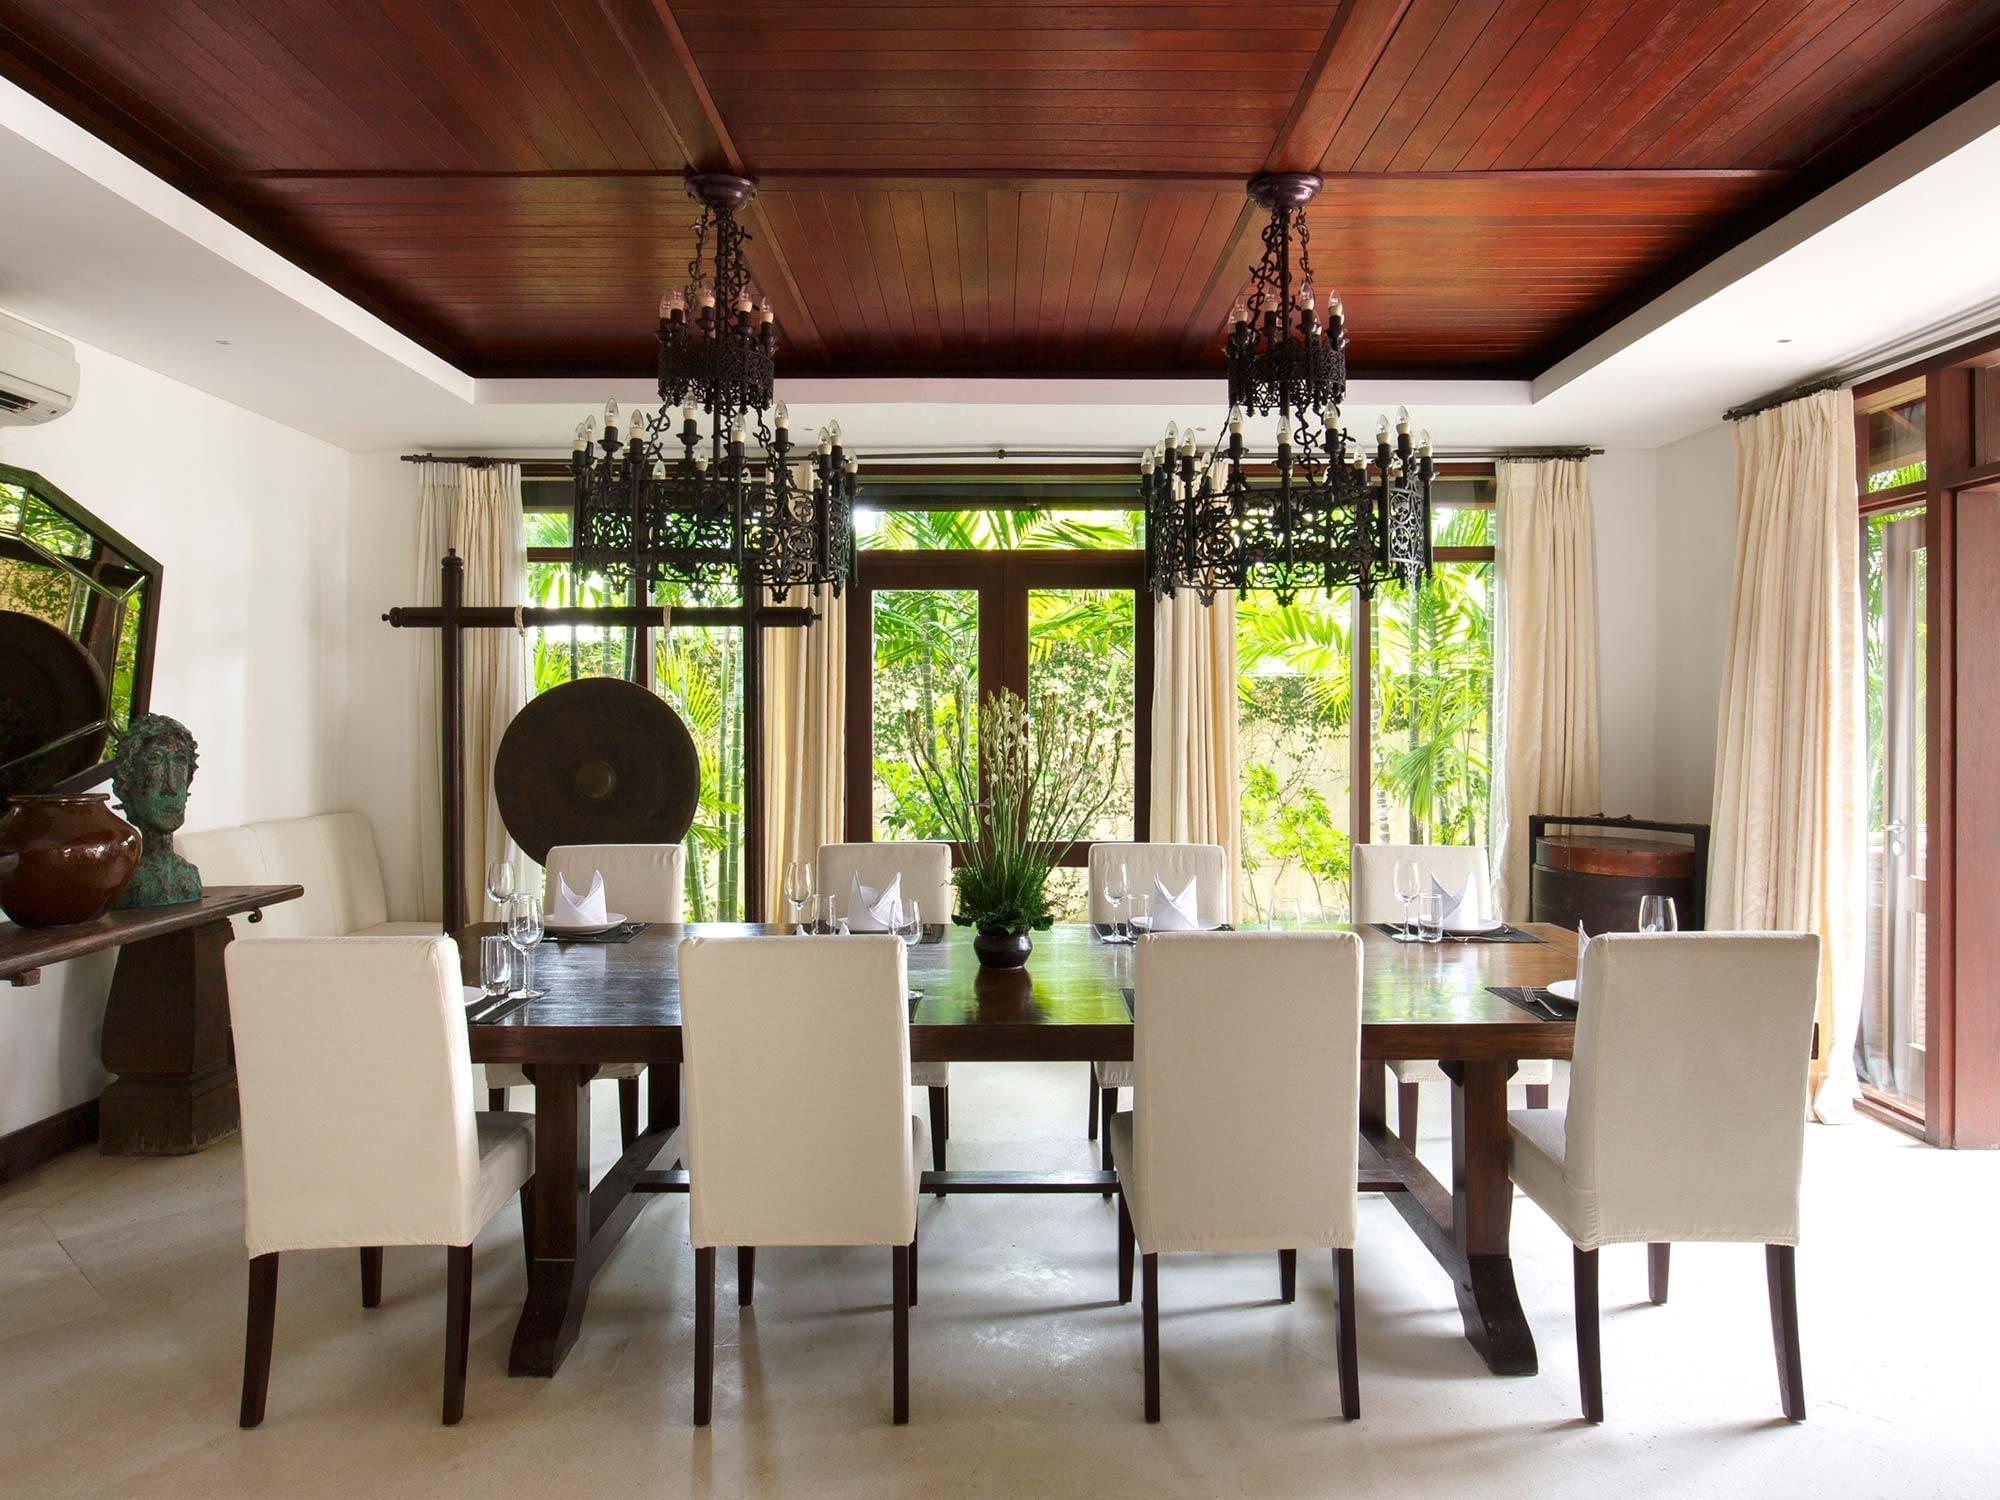 ungasan-_SANTAI_SORGA__Bali_villa